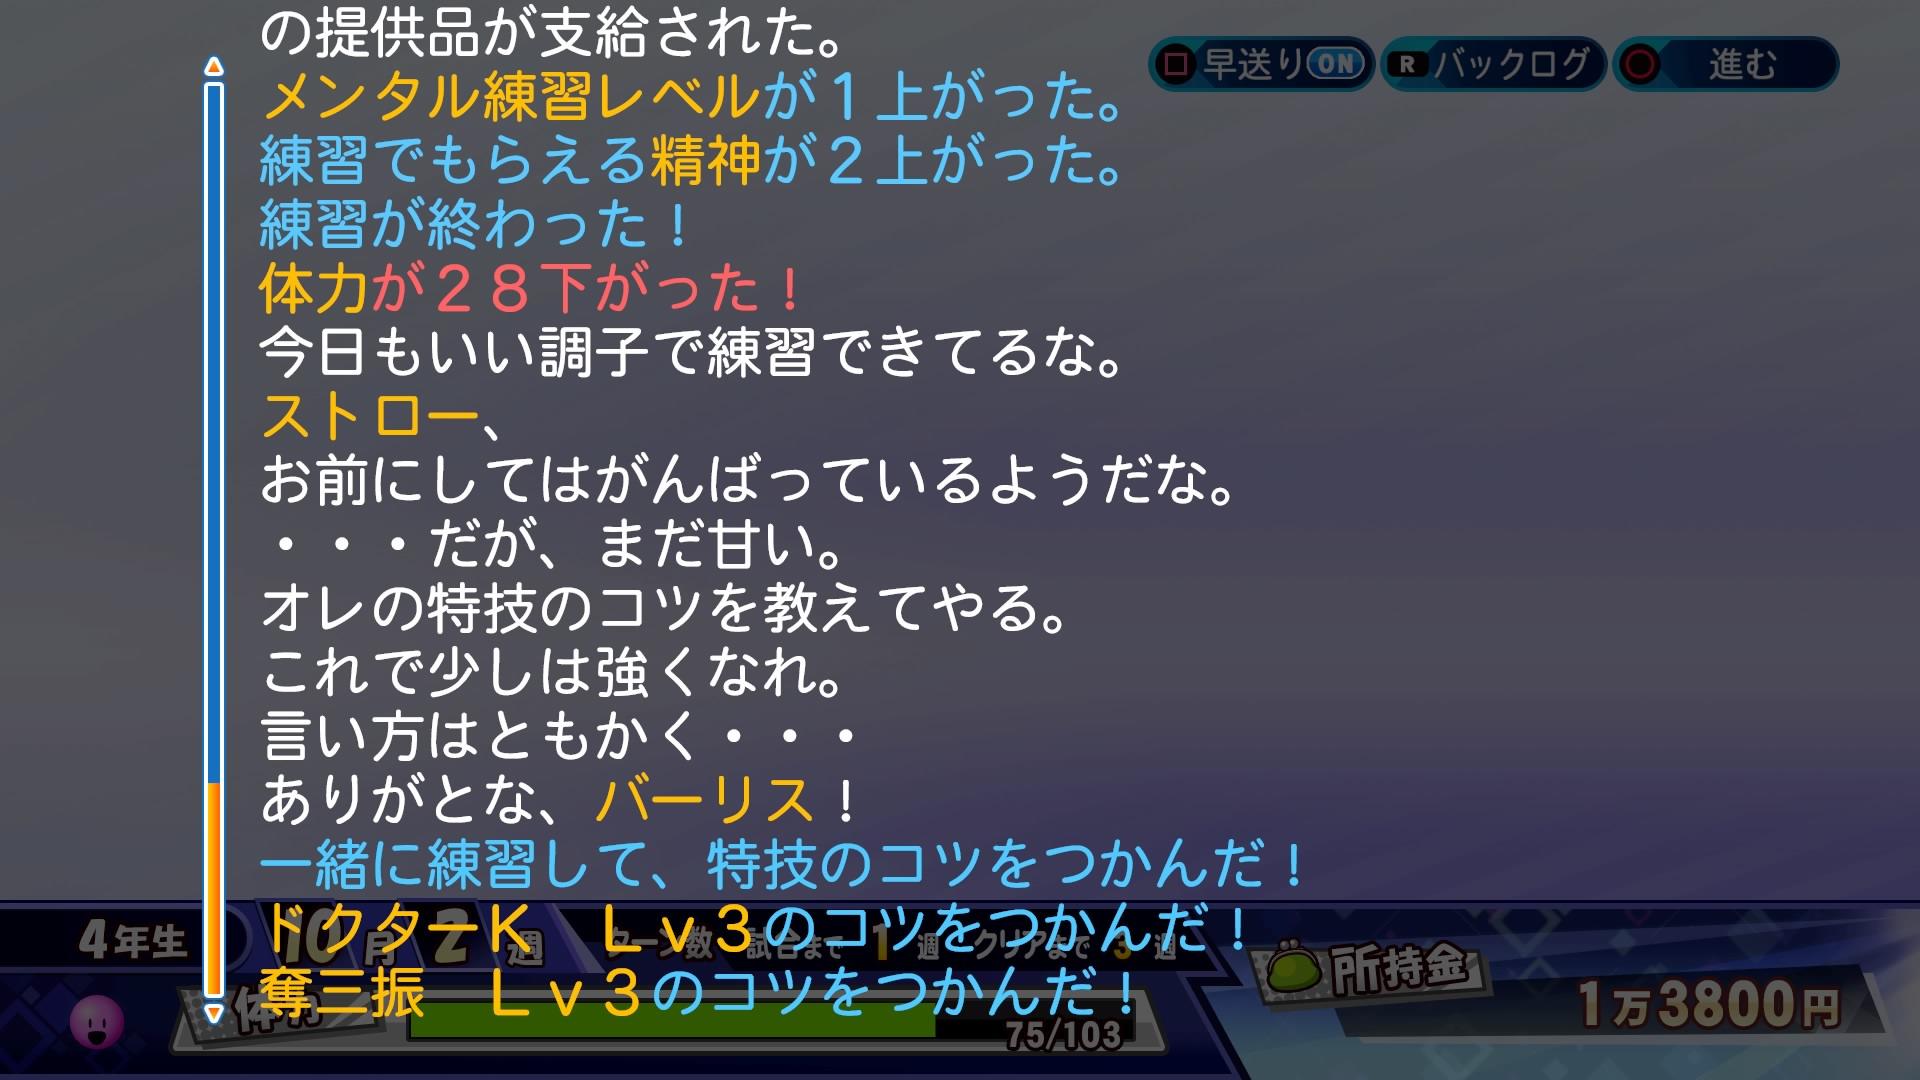 EdN9f_CUwAEuPG6.jpg